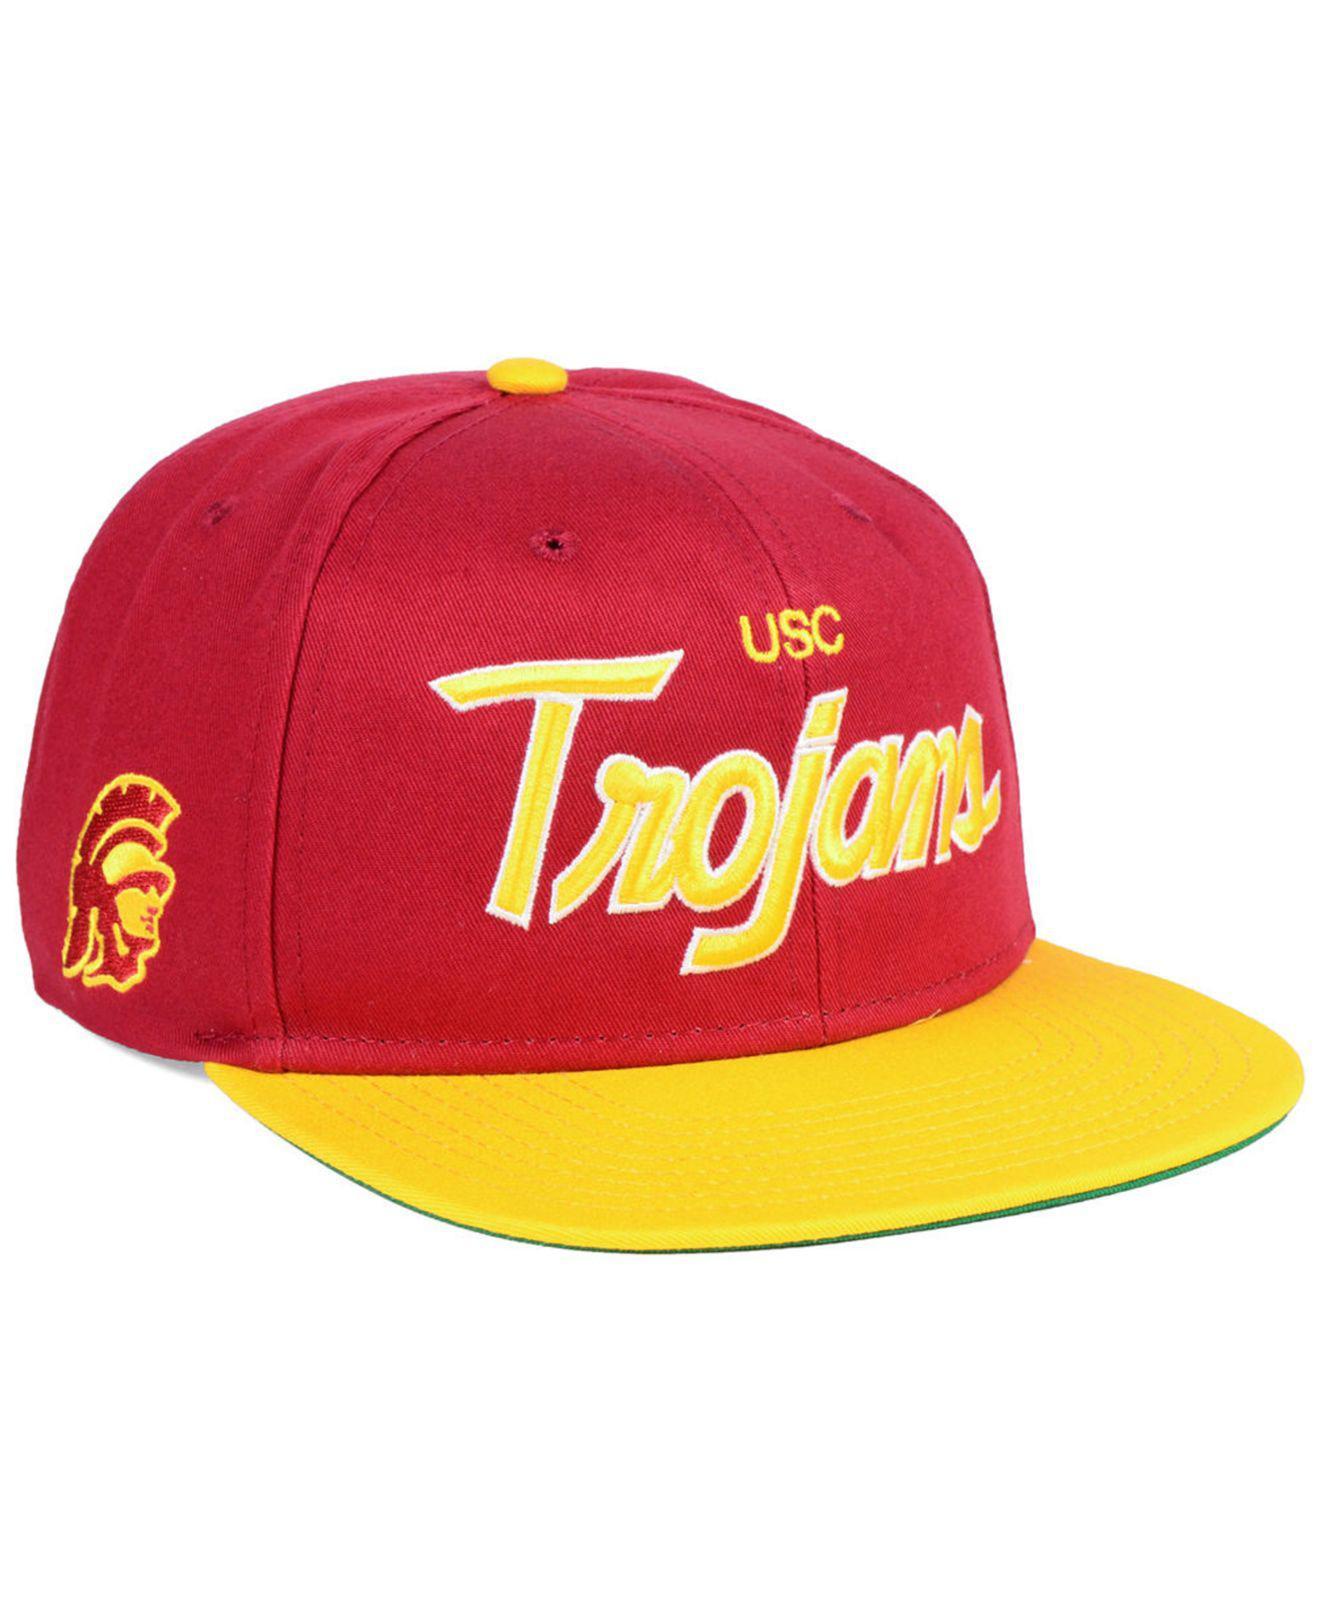 fcc769483cd Lyst - Nike Usc Trojans Sport Specialties Snapback Cap in Red for Men